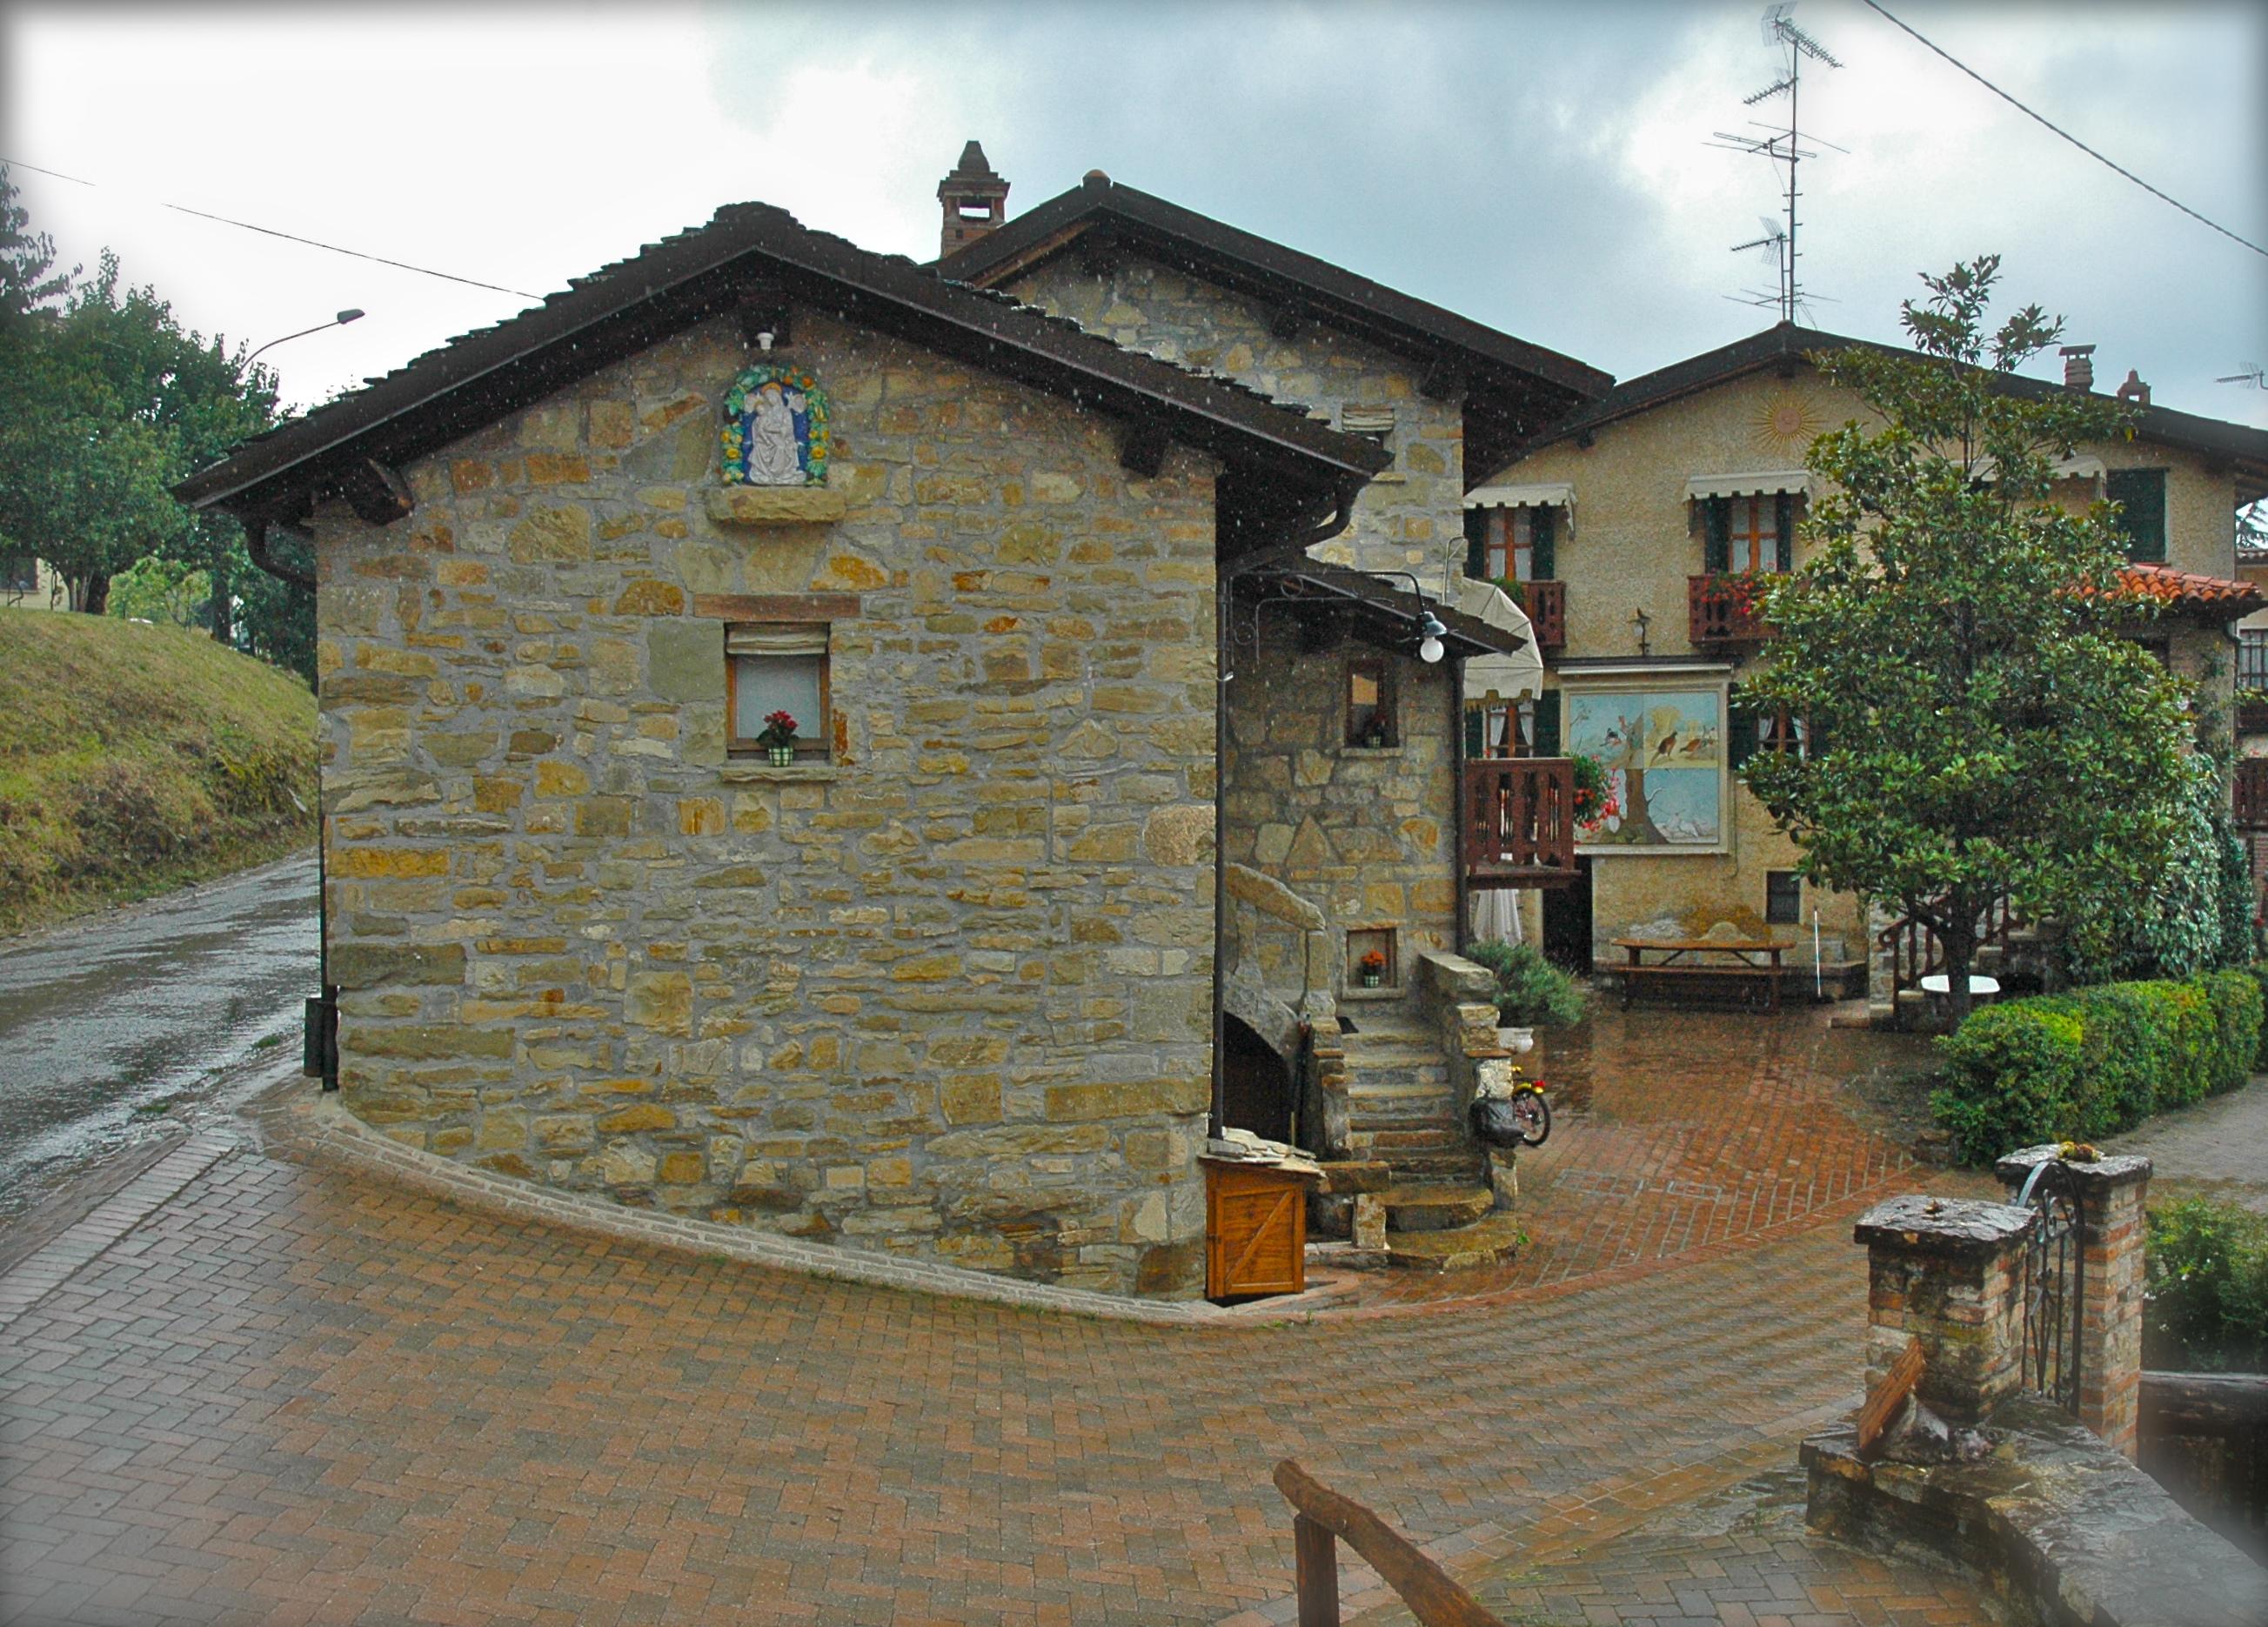 Case vecchie valtolla 39 s blog cronache della valdarda for Immagini case ristrutturate